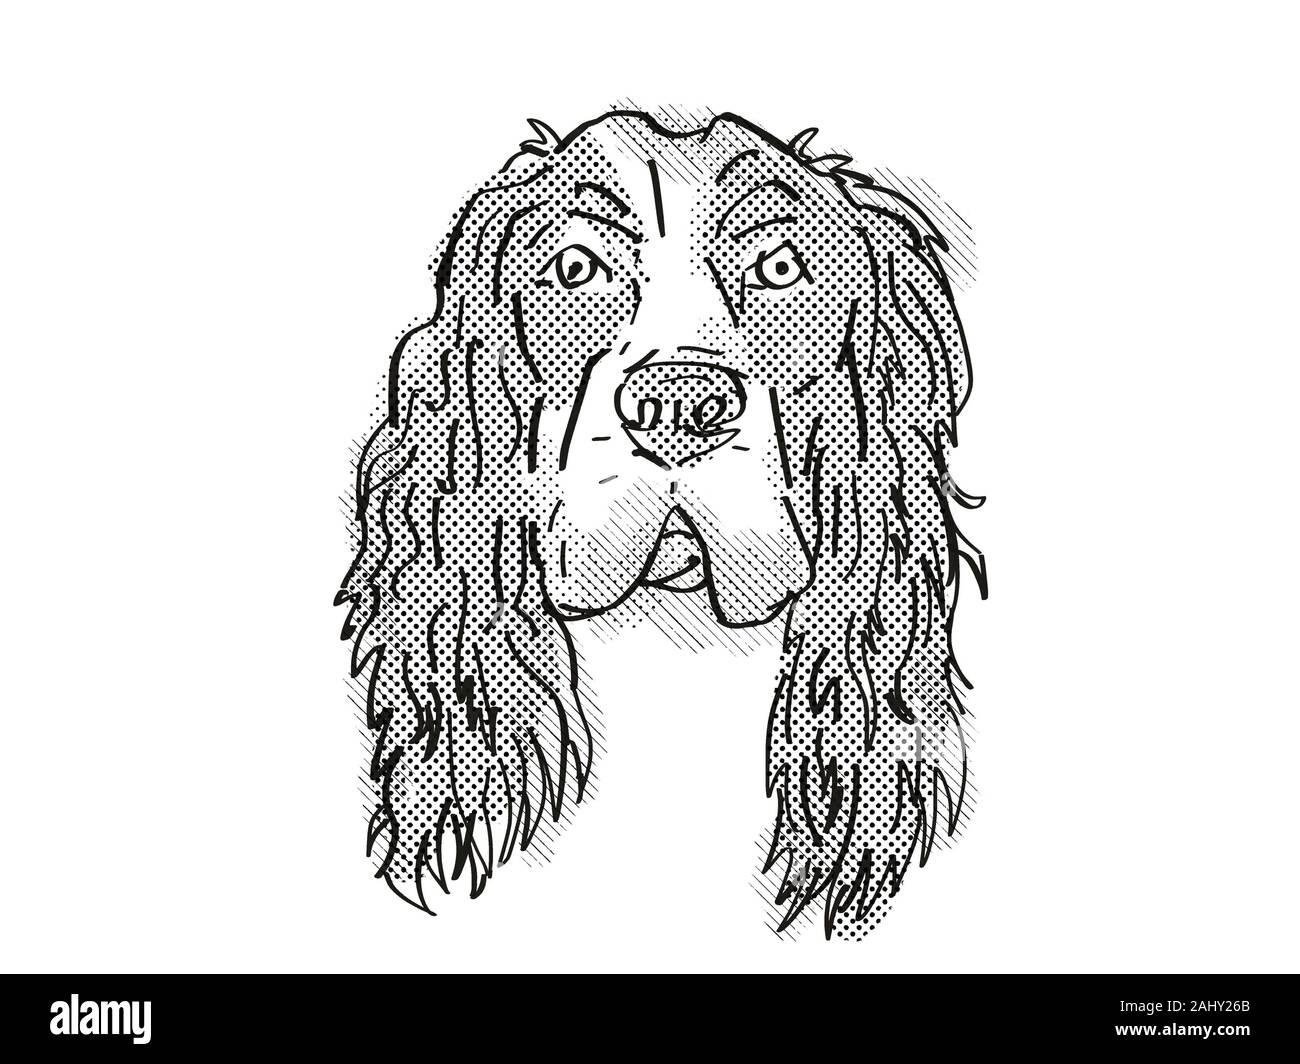 Estilo de dibujos animados Retro el dibujo de la cabeza de un Cocker Spaniel Inglés, un perro doméstico o de raza canina sobre fondo blanco aislado realizado en blanco y negro. Foto de stock